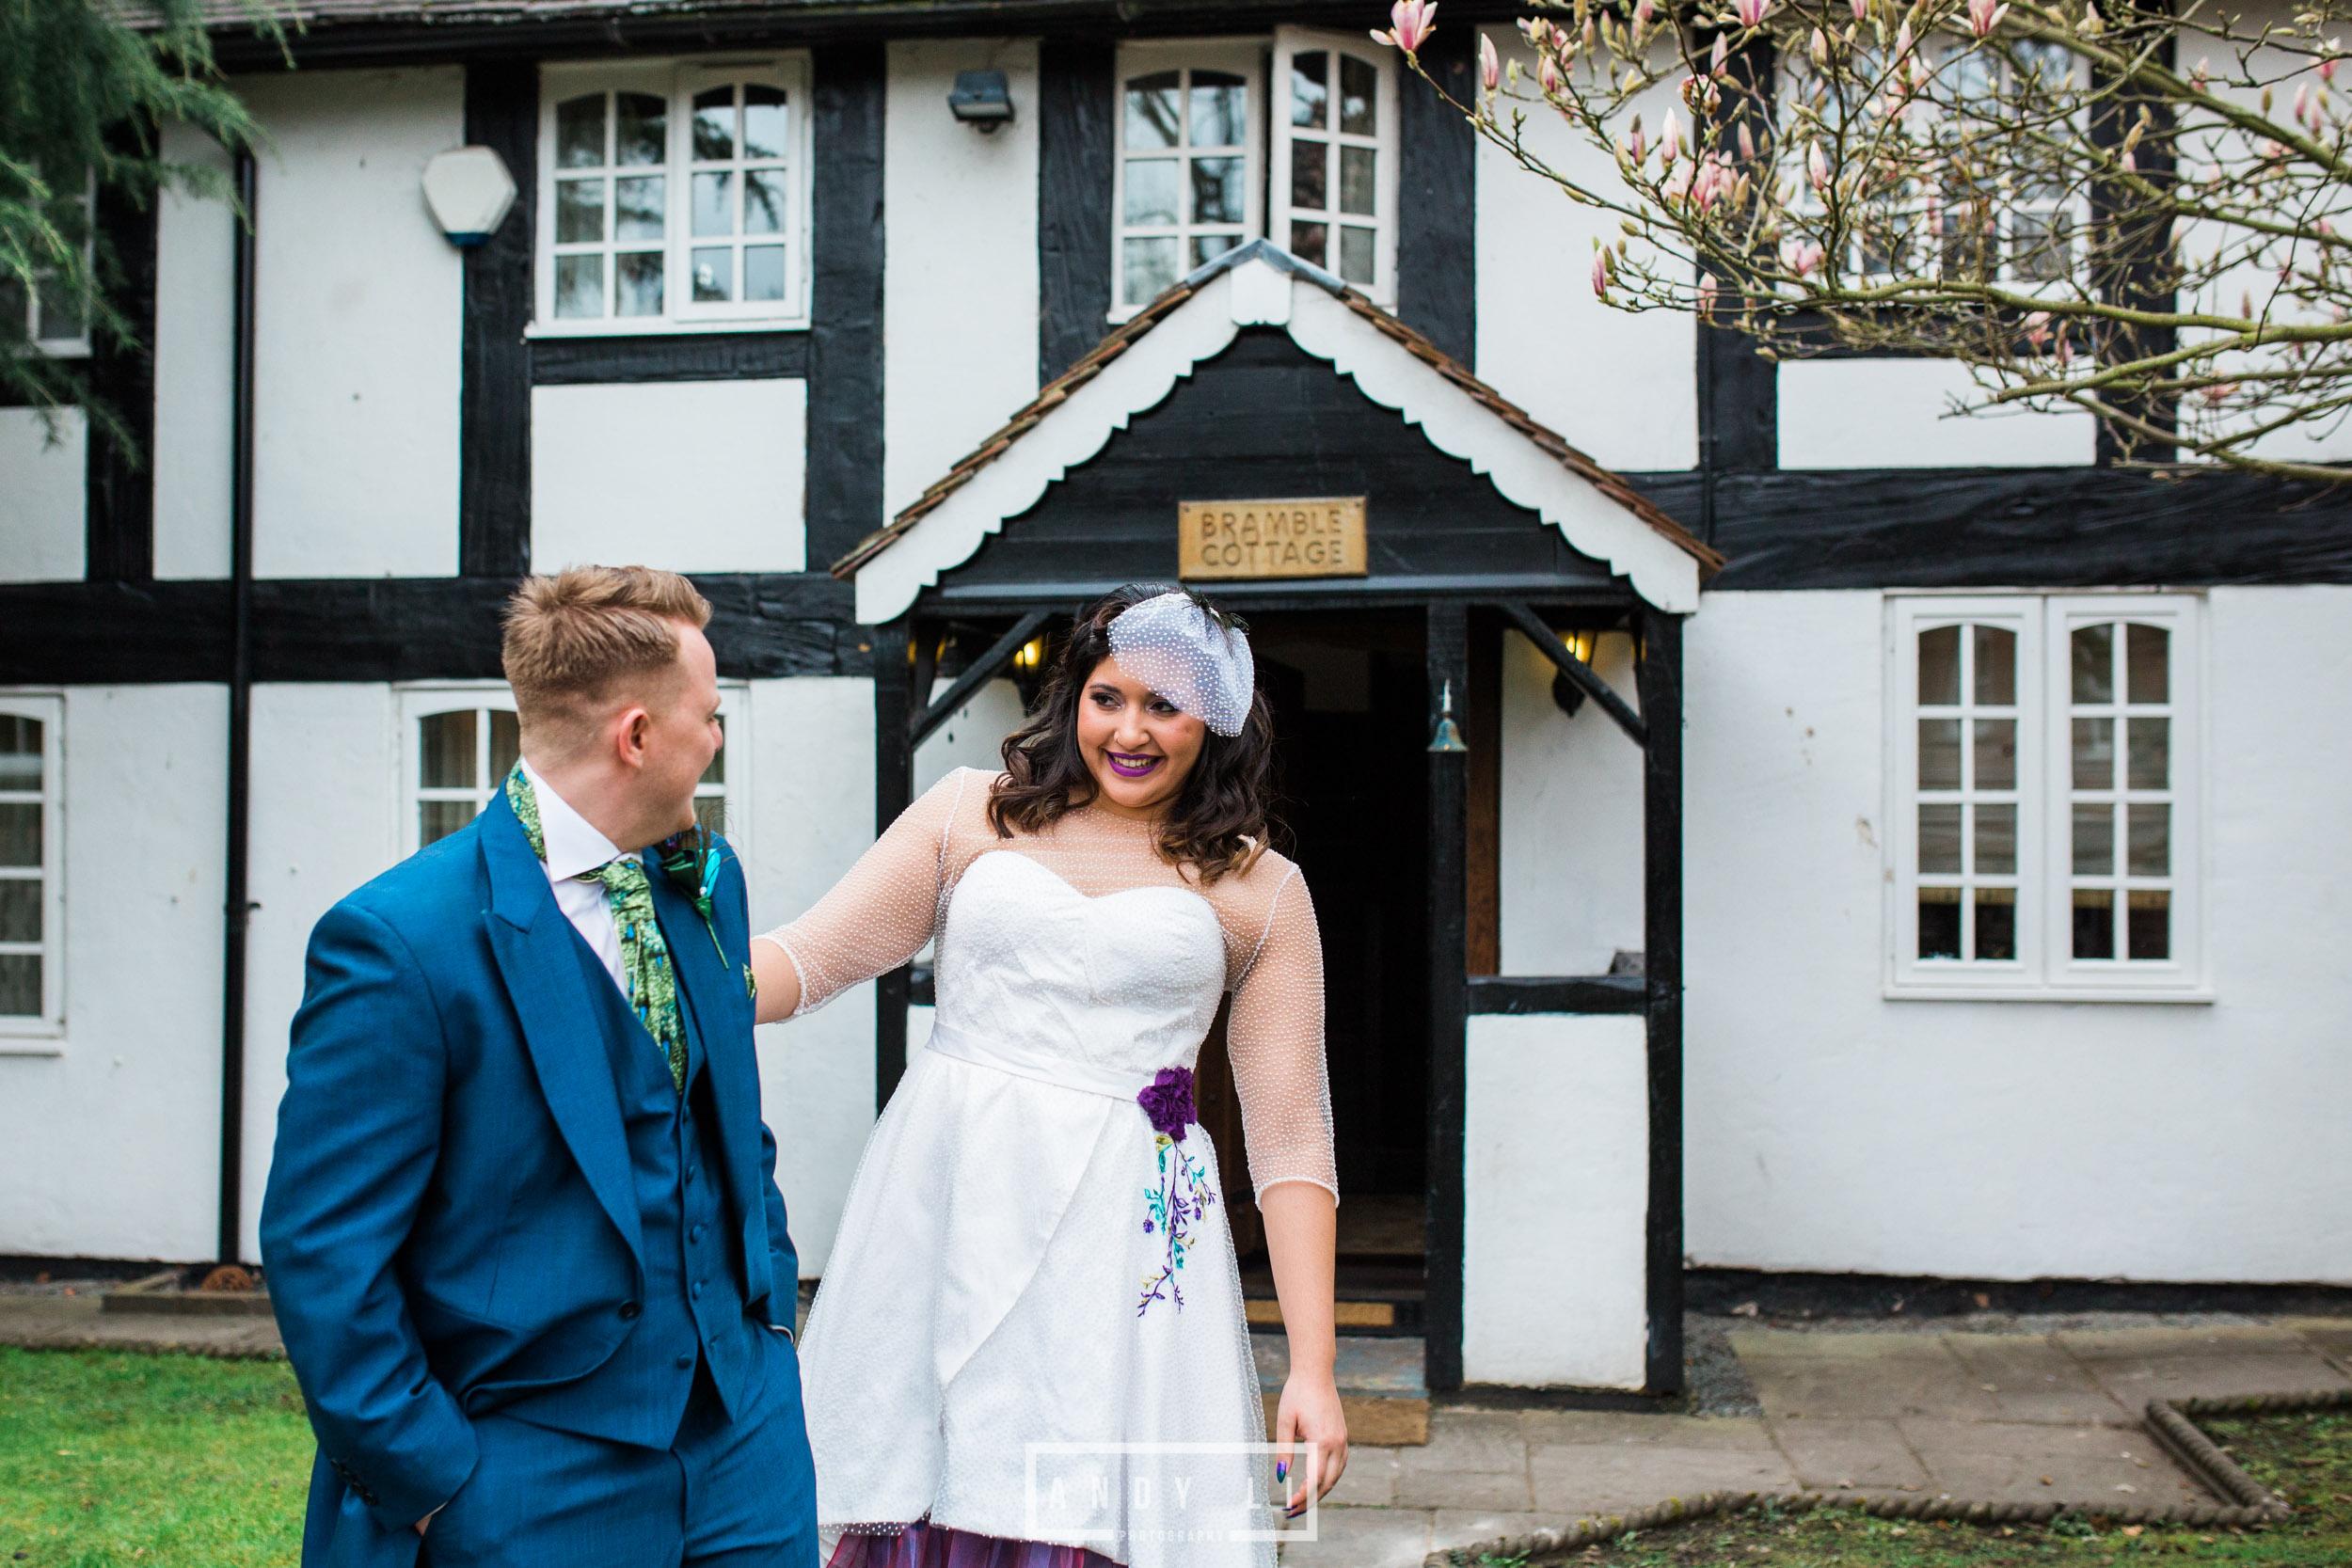 Mytton and Mermaid Wedding Photography-058-GP2A8625.jpg